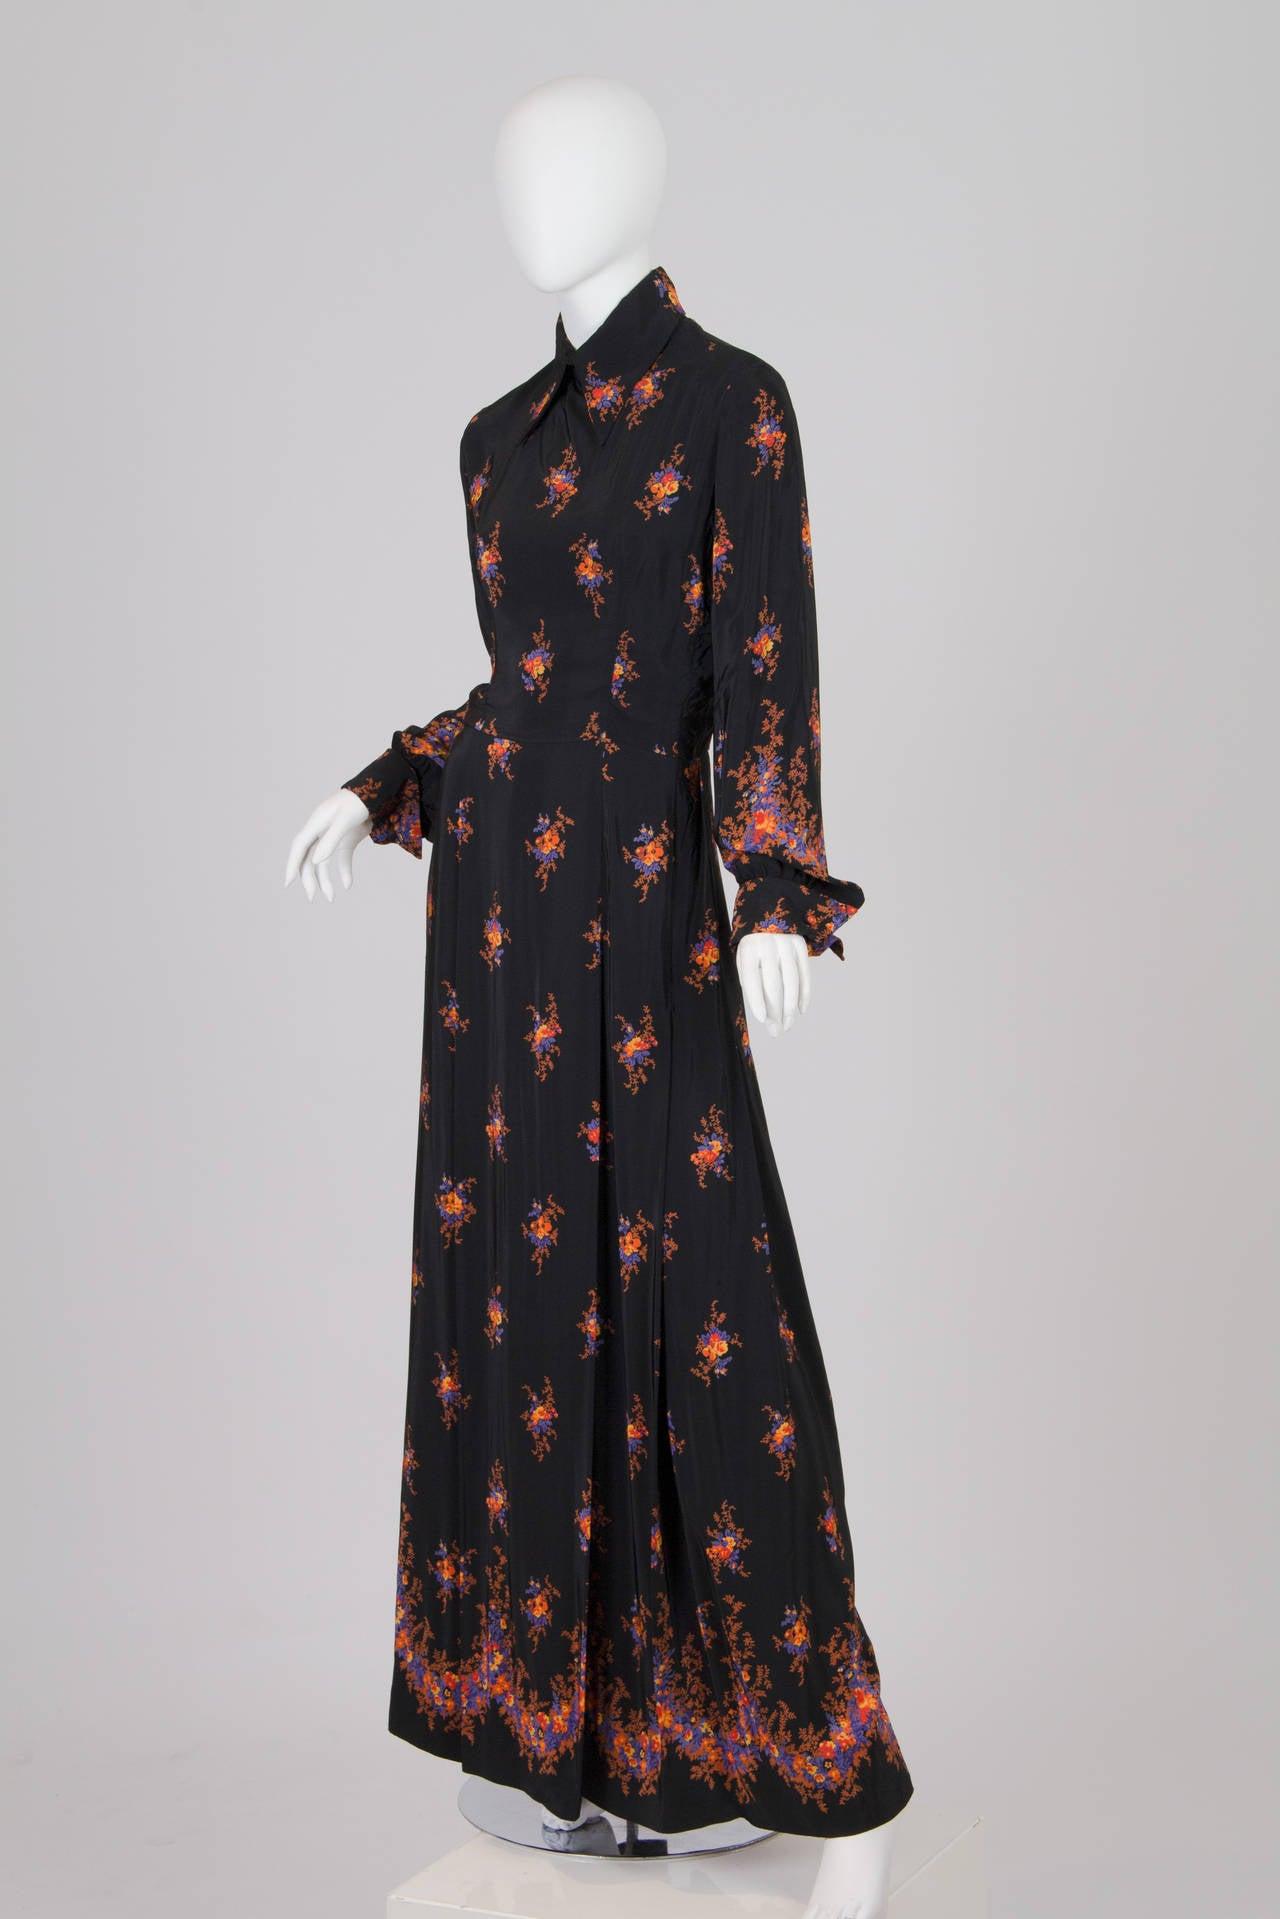 Valentino 1970s Nouveau Victorian Floral Dress 2